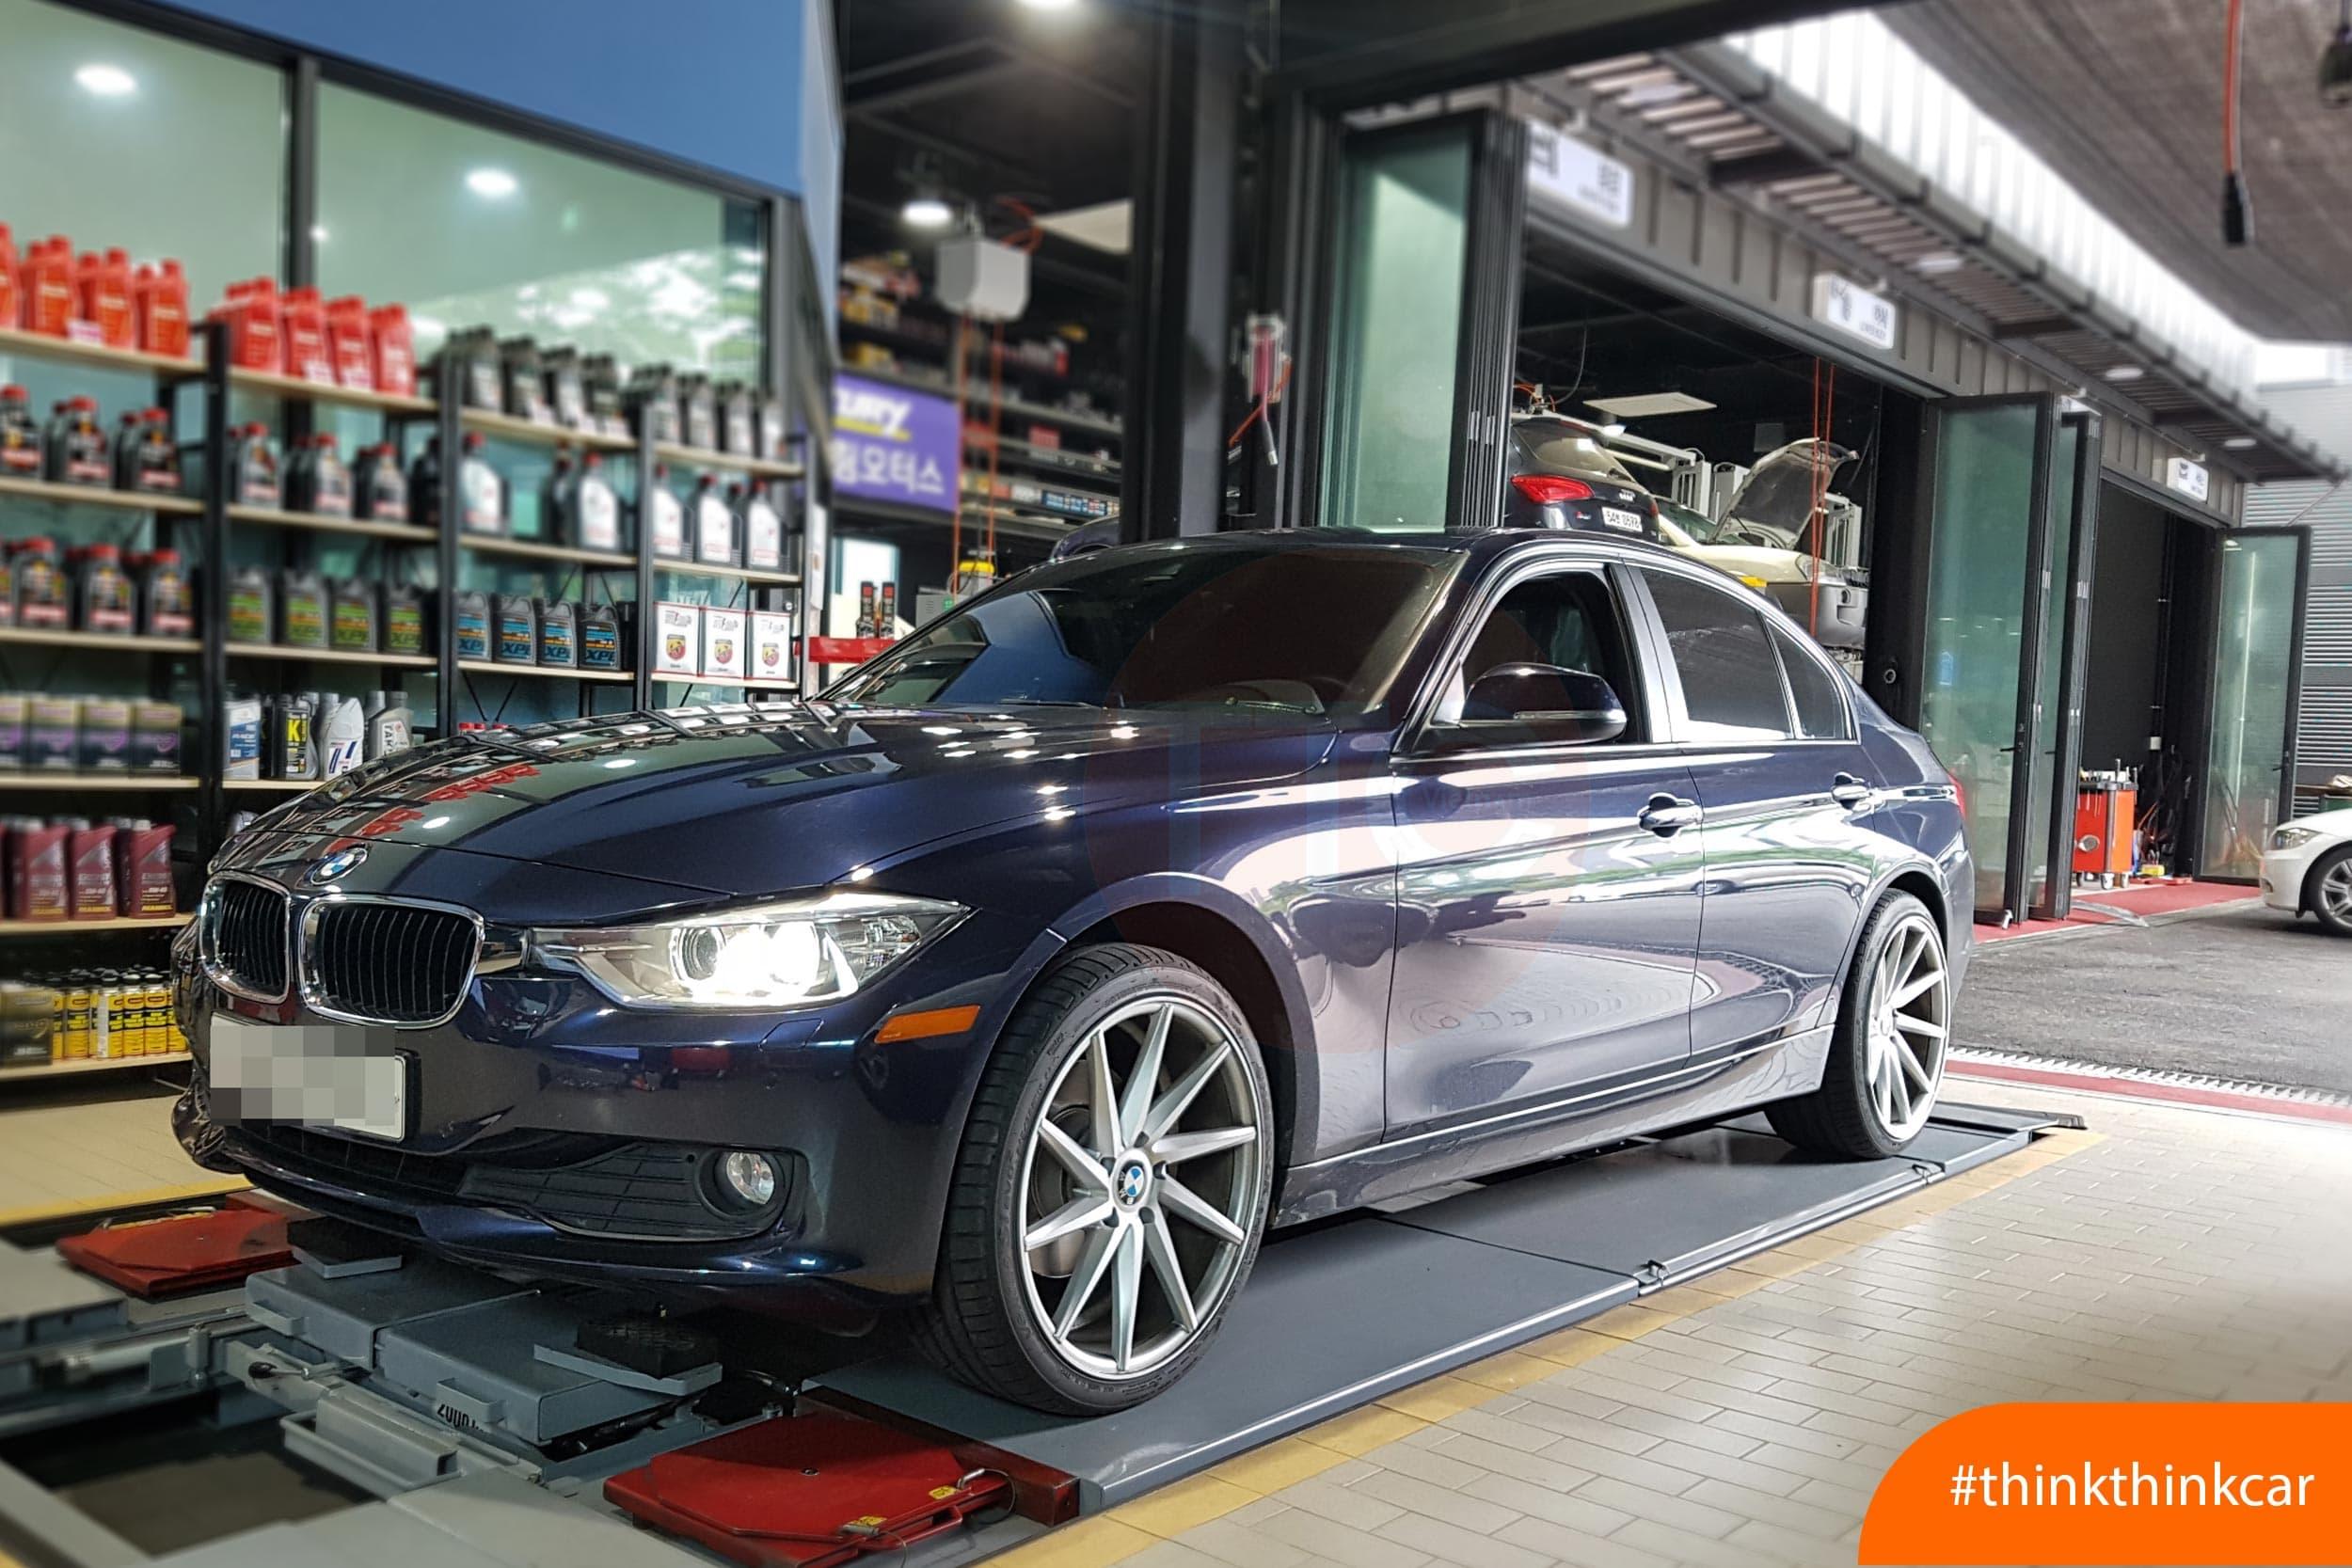 Lắp đệm giảm sóc TTC cho BMW 320i F30 Hình 3